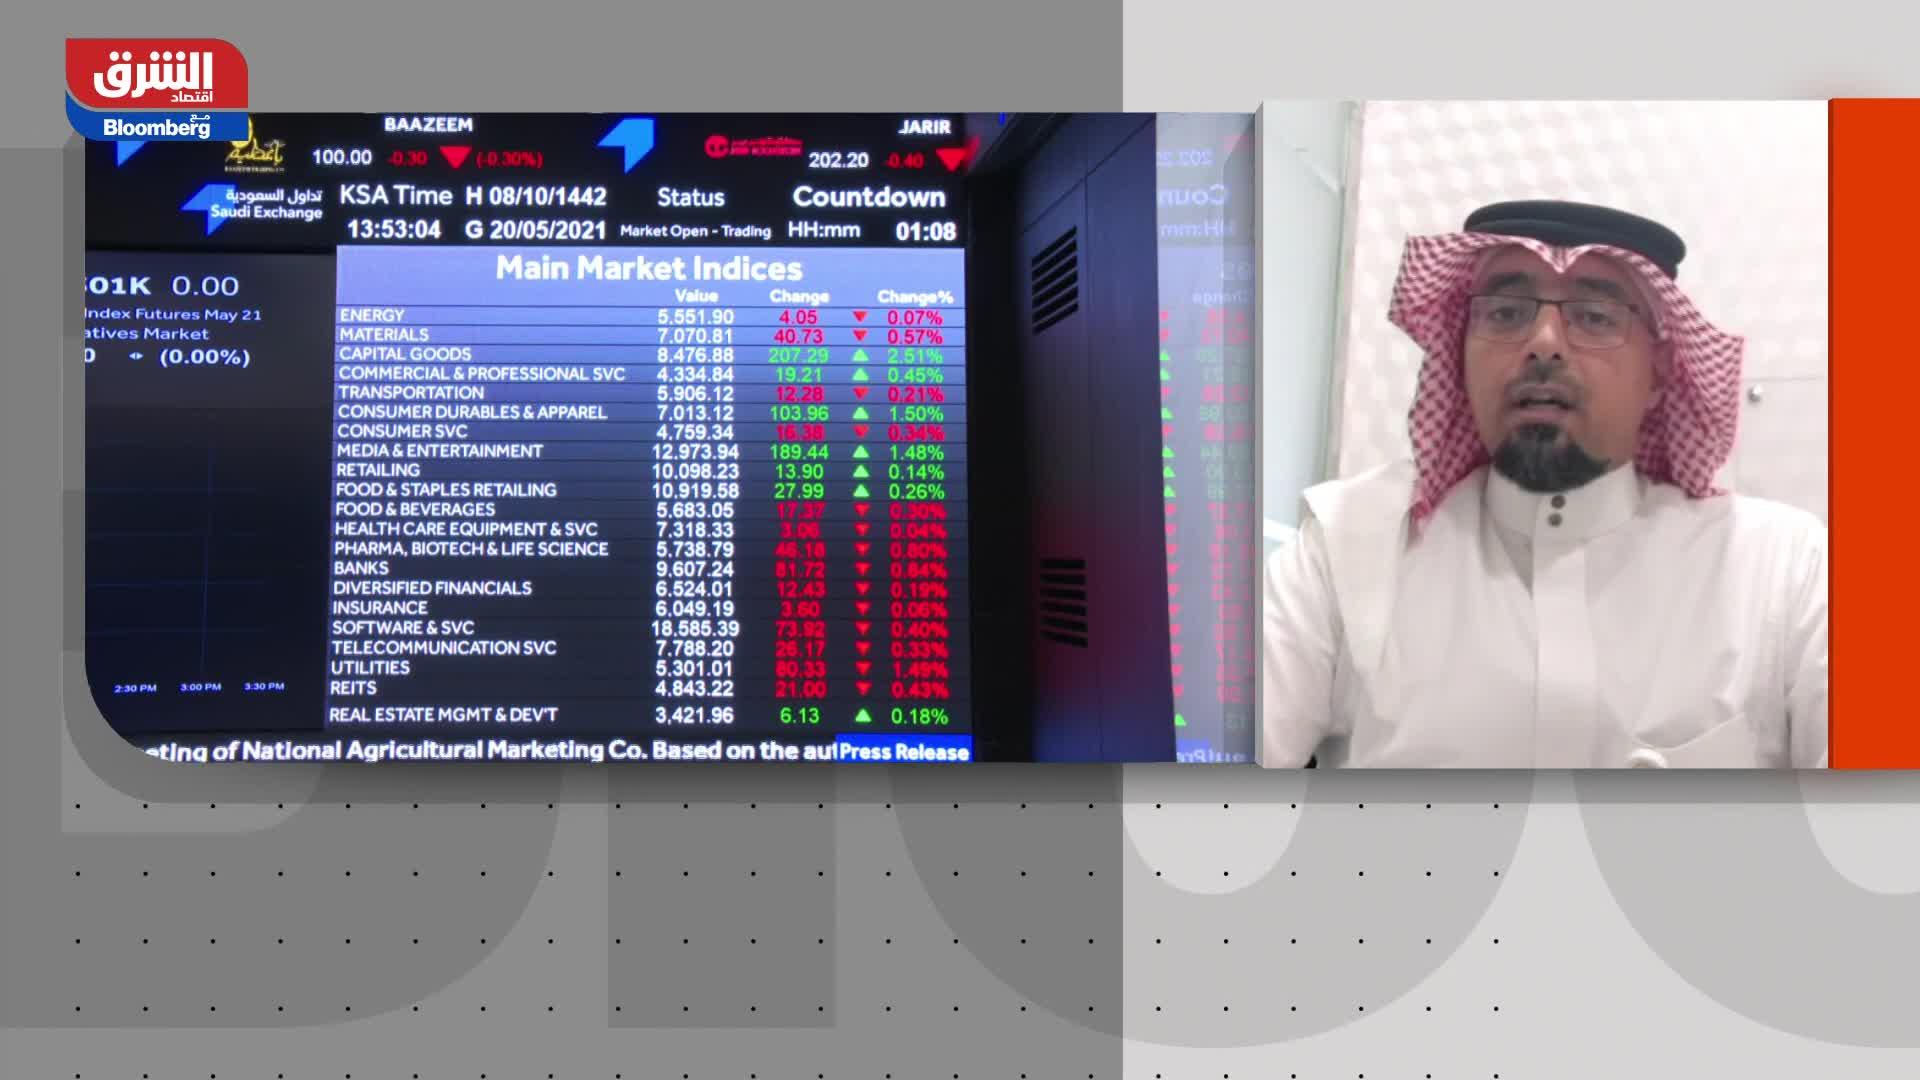 ما نقاط القوة لدى القطاع المصرفي السعودي؟